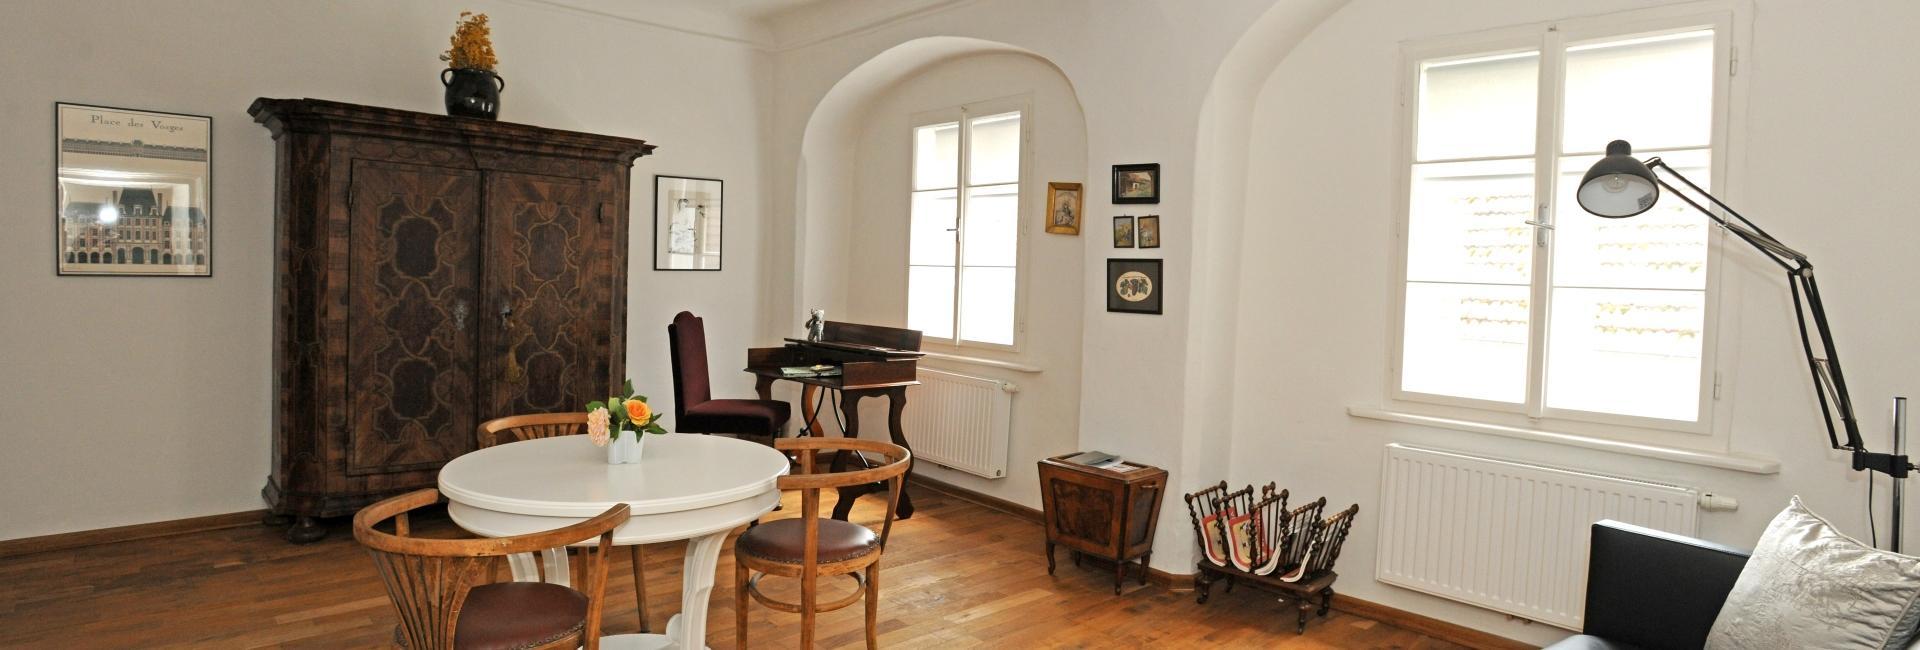 Heurigenhof Bründlmayer Guest Rooms